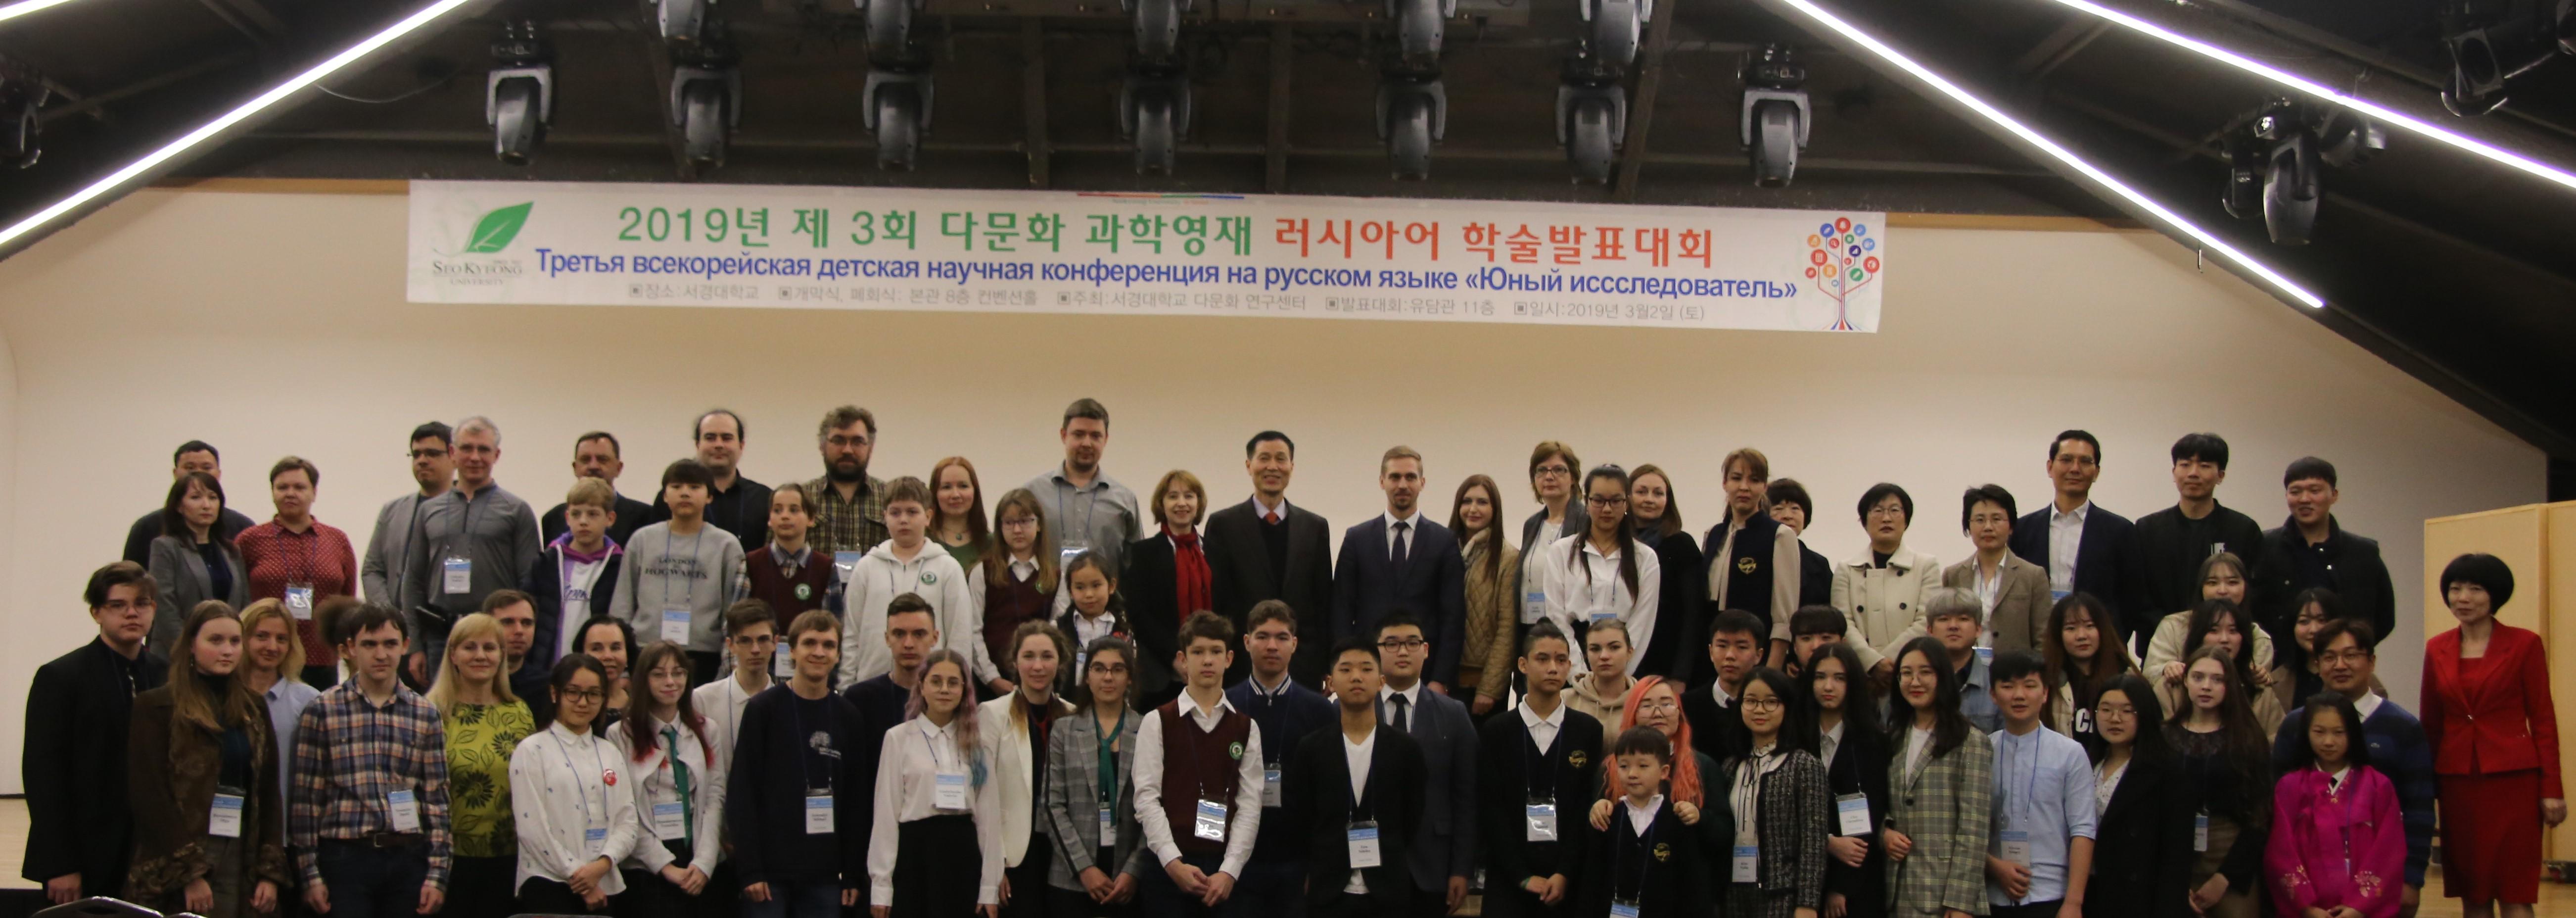 러시아어 학술대회 단체사진.jpg